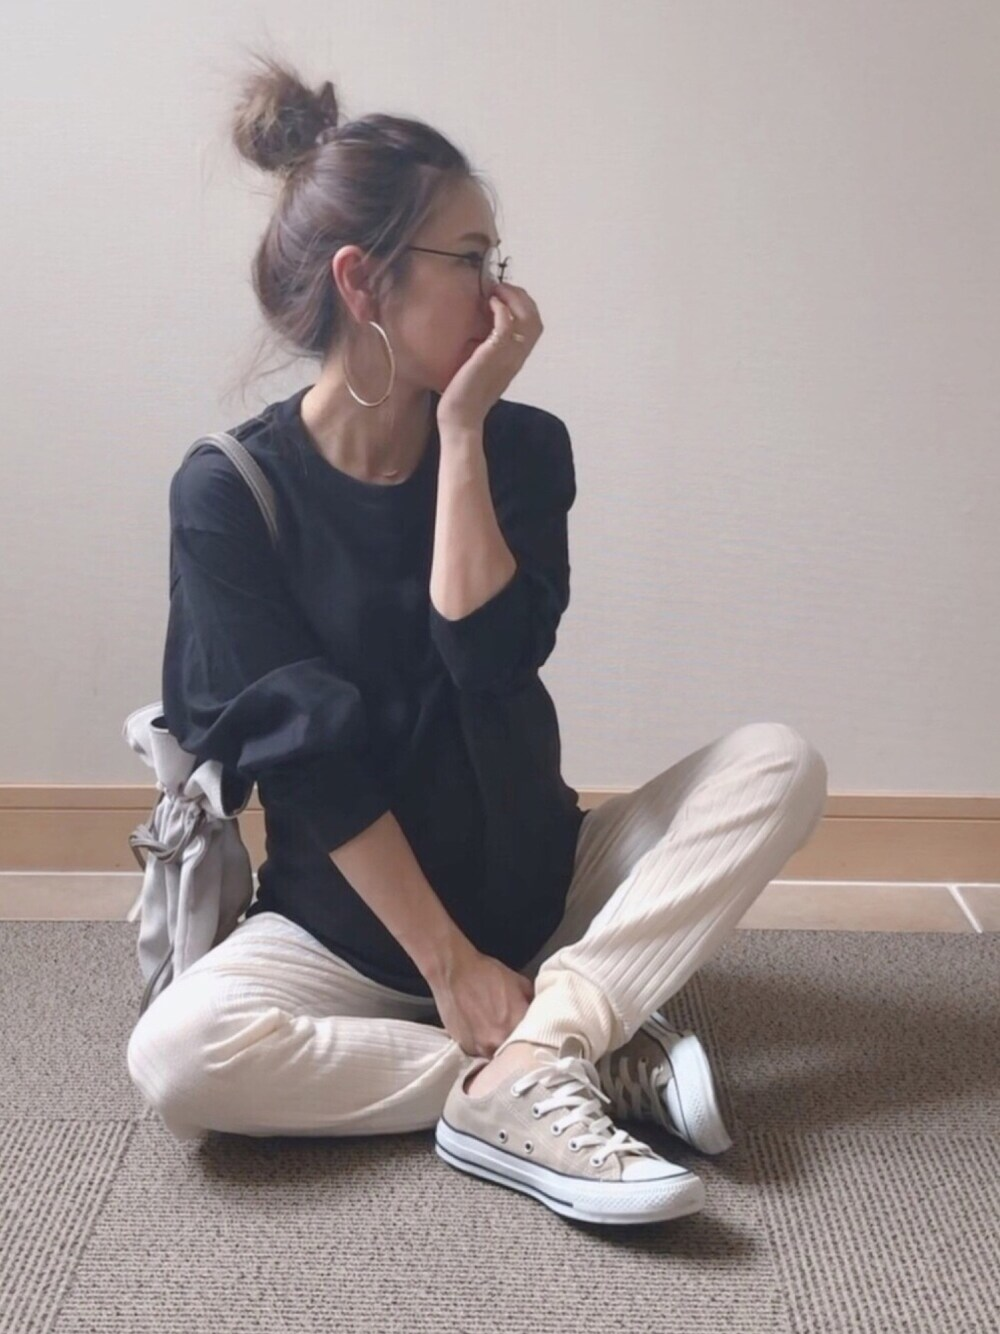 マタニティコーデ 30代 通販 Sweet mommy パンツ 秋コーデ